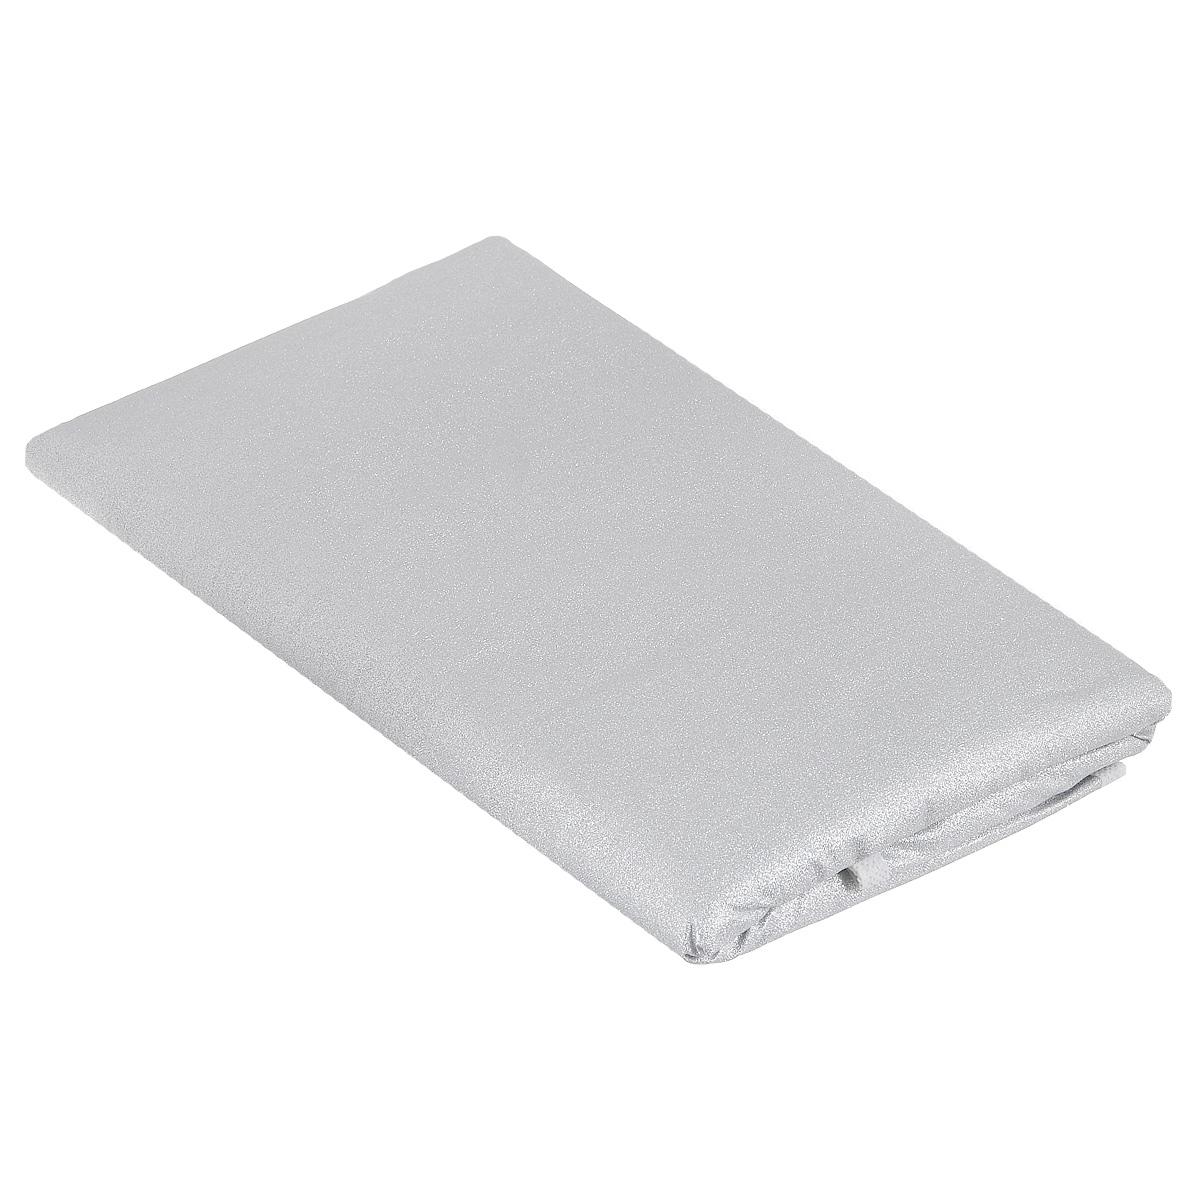 Чехол для гладильной доски  Eva , цвет: серебристый, 156 х 53 см -  Гладильные доски